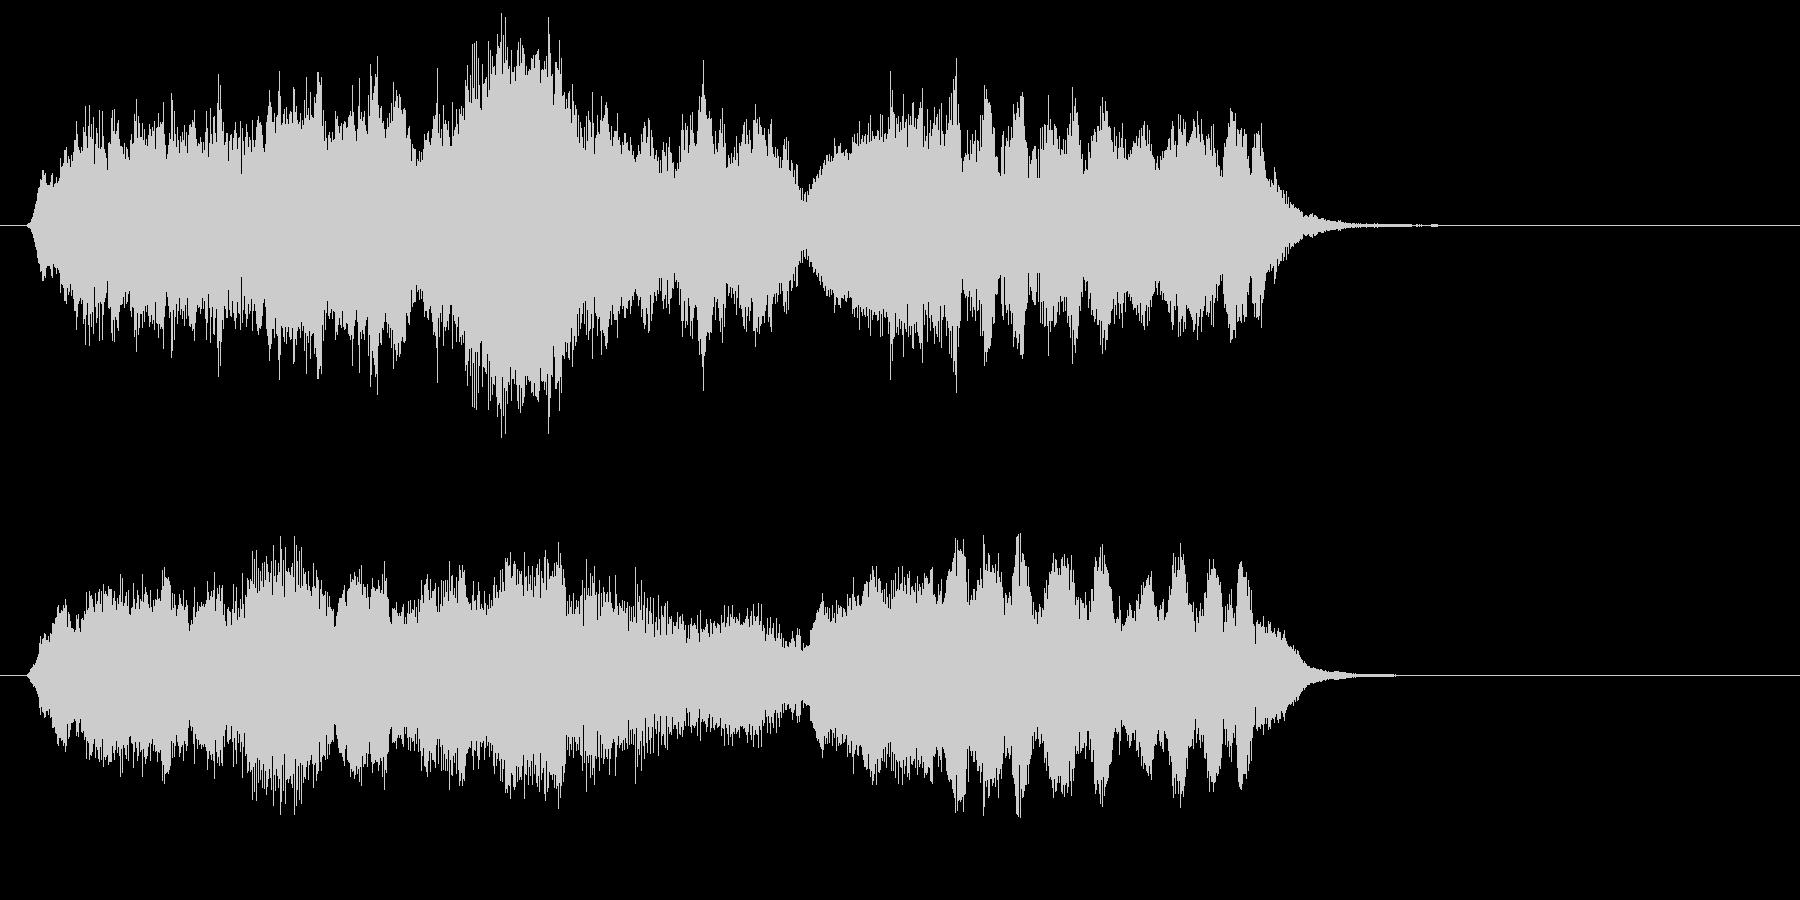 管楽器とストリングスが奏でる曲の未再生の波形